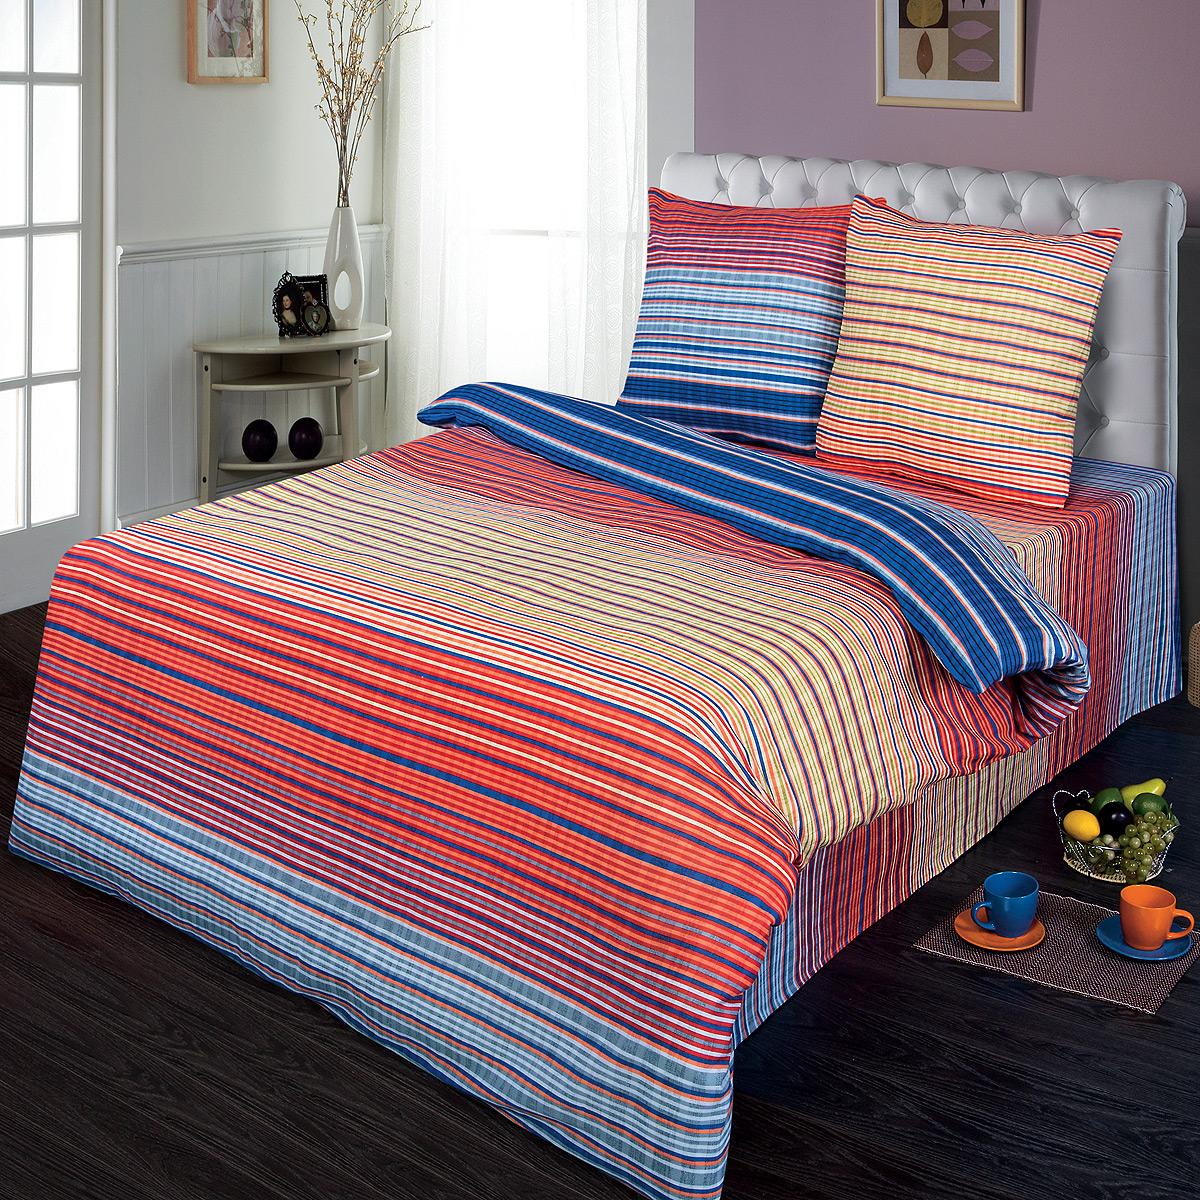 Комплект белья Шоколад Кавалер, 1,5-спальный, наволочки 70x70. Б100Б100Комплект постельного белья Шоколад Кавалер является экологически безопасным для всей семьи, так как выполнен из натурального хлопка. Комплект состоит из пододеяльника, простыни и двух наволочек. Постельное белье оформлено оригинальным рисунком и имеет изысканный внешний вид.Бязь - это ткань полотняного переплетения, изготовленная из экологически чистого и натурального 100% хлопка. Она прочная, мягкая, обладает низкой сминаемостью, легко стирается и хорошо гладится. Бязь прекрасно пропускает воздух и за ней легко ухаживать. При соблюдении рекомендуемых условий стирки, сушки и глажения ткань имеет усадку по ГОСТу, сохранятся яркость текстильных рисунков. Приобретая комплект постельного белья Шоколад Кавалер, вы можете быть уверены в том, что покупка доставит вам и вашим близким удовольствие иподарит максимальный комфорт.